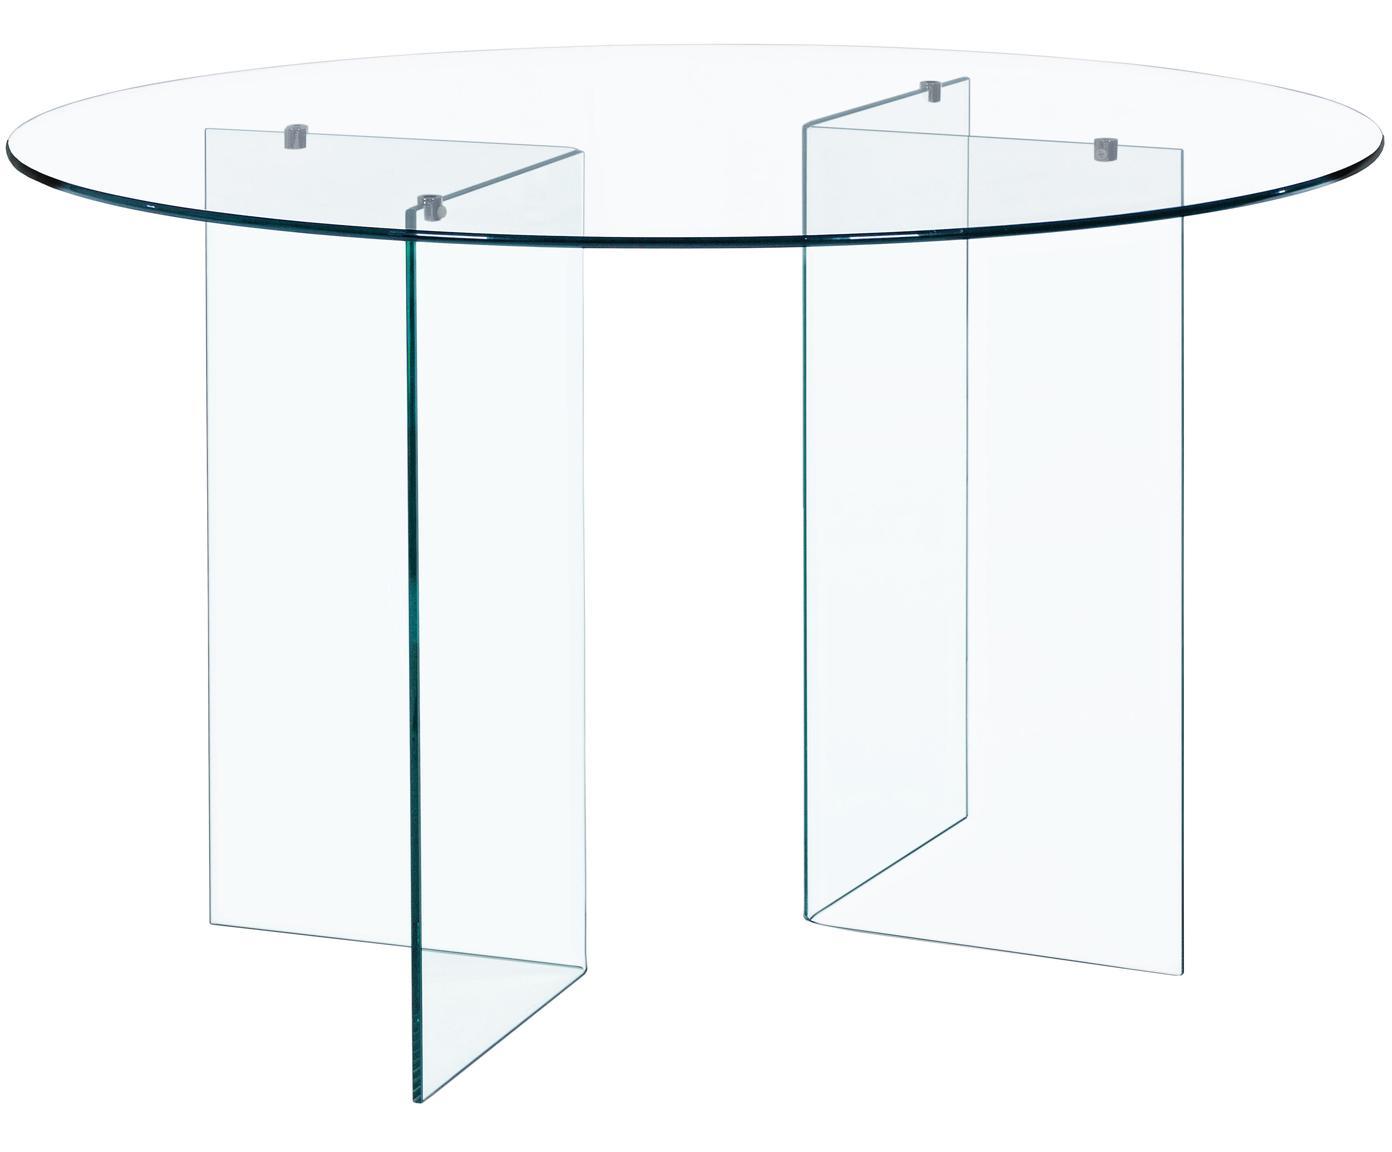 Okrągły stół do jadalni ze szkła Iride, Blat: szkło hartowane, poddane , Transparentny, Ø 130 x W 75 cm